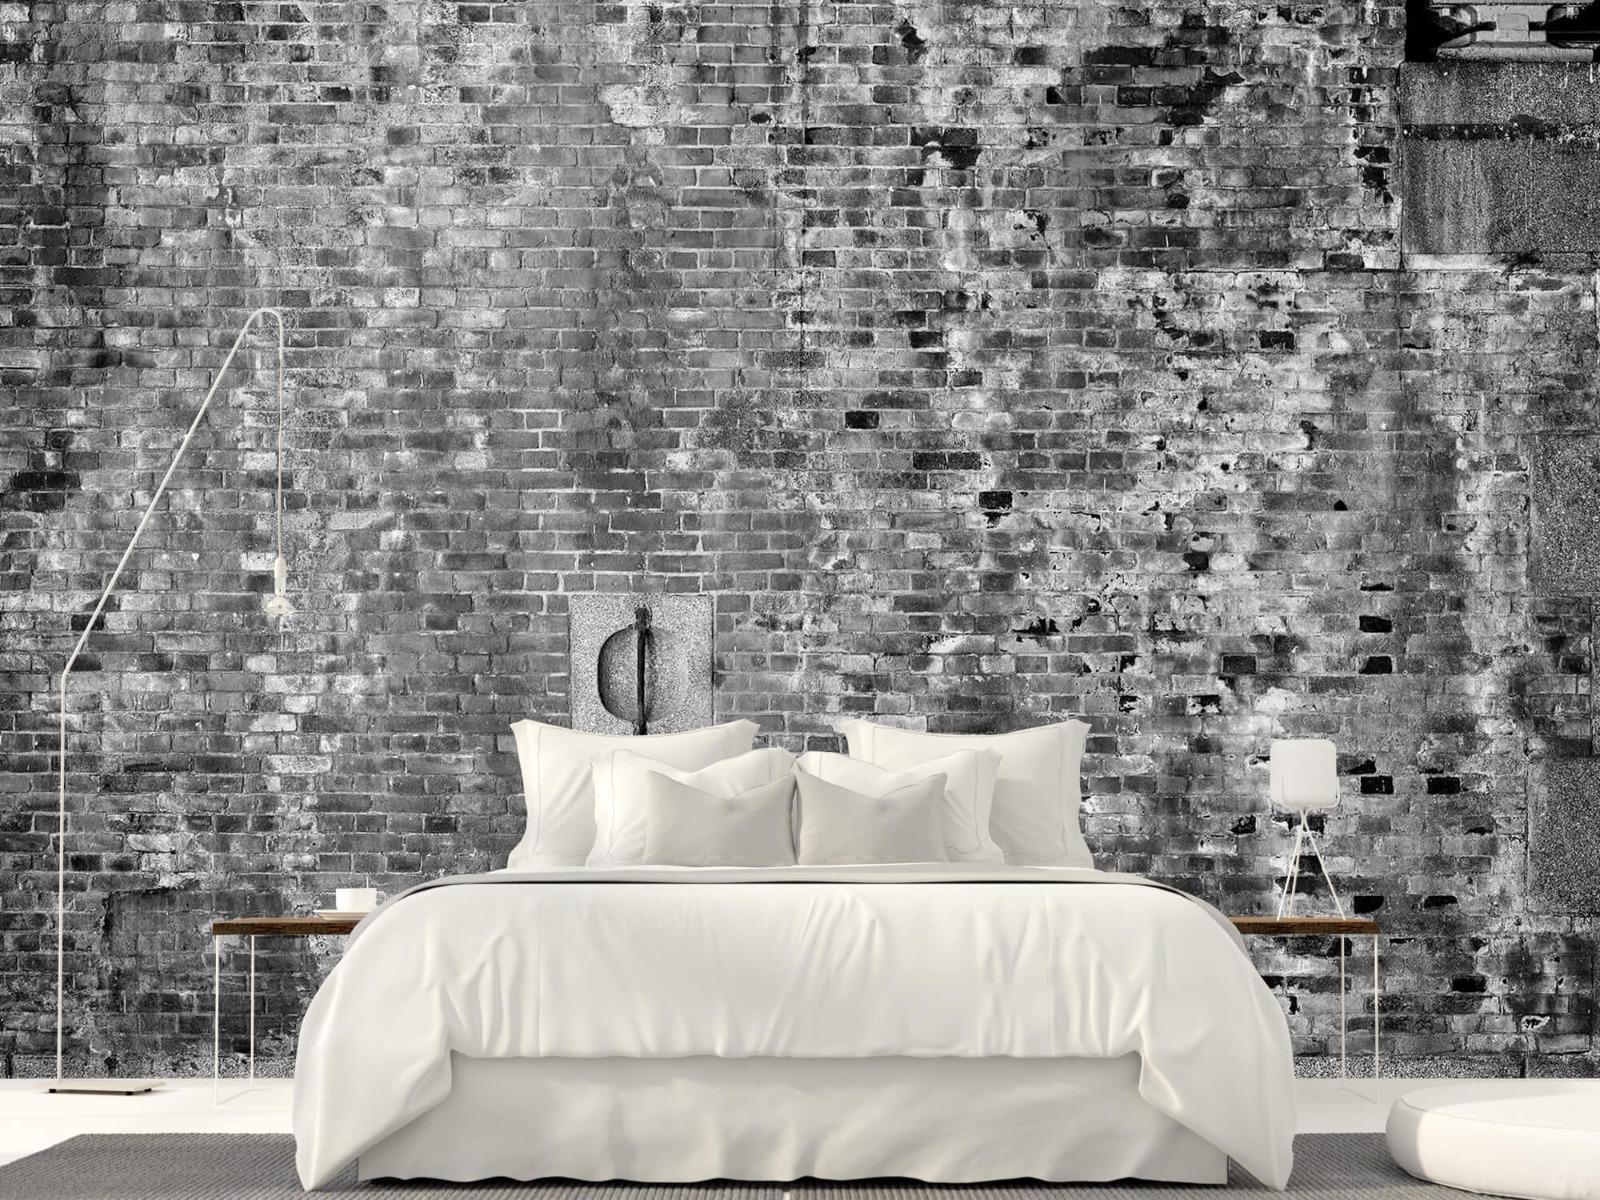 Steen behang - Verweerde muur - Tienerkamer 1